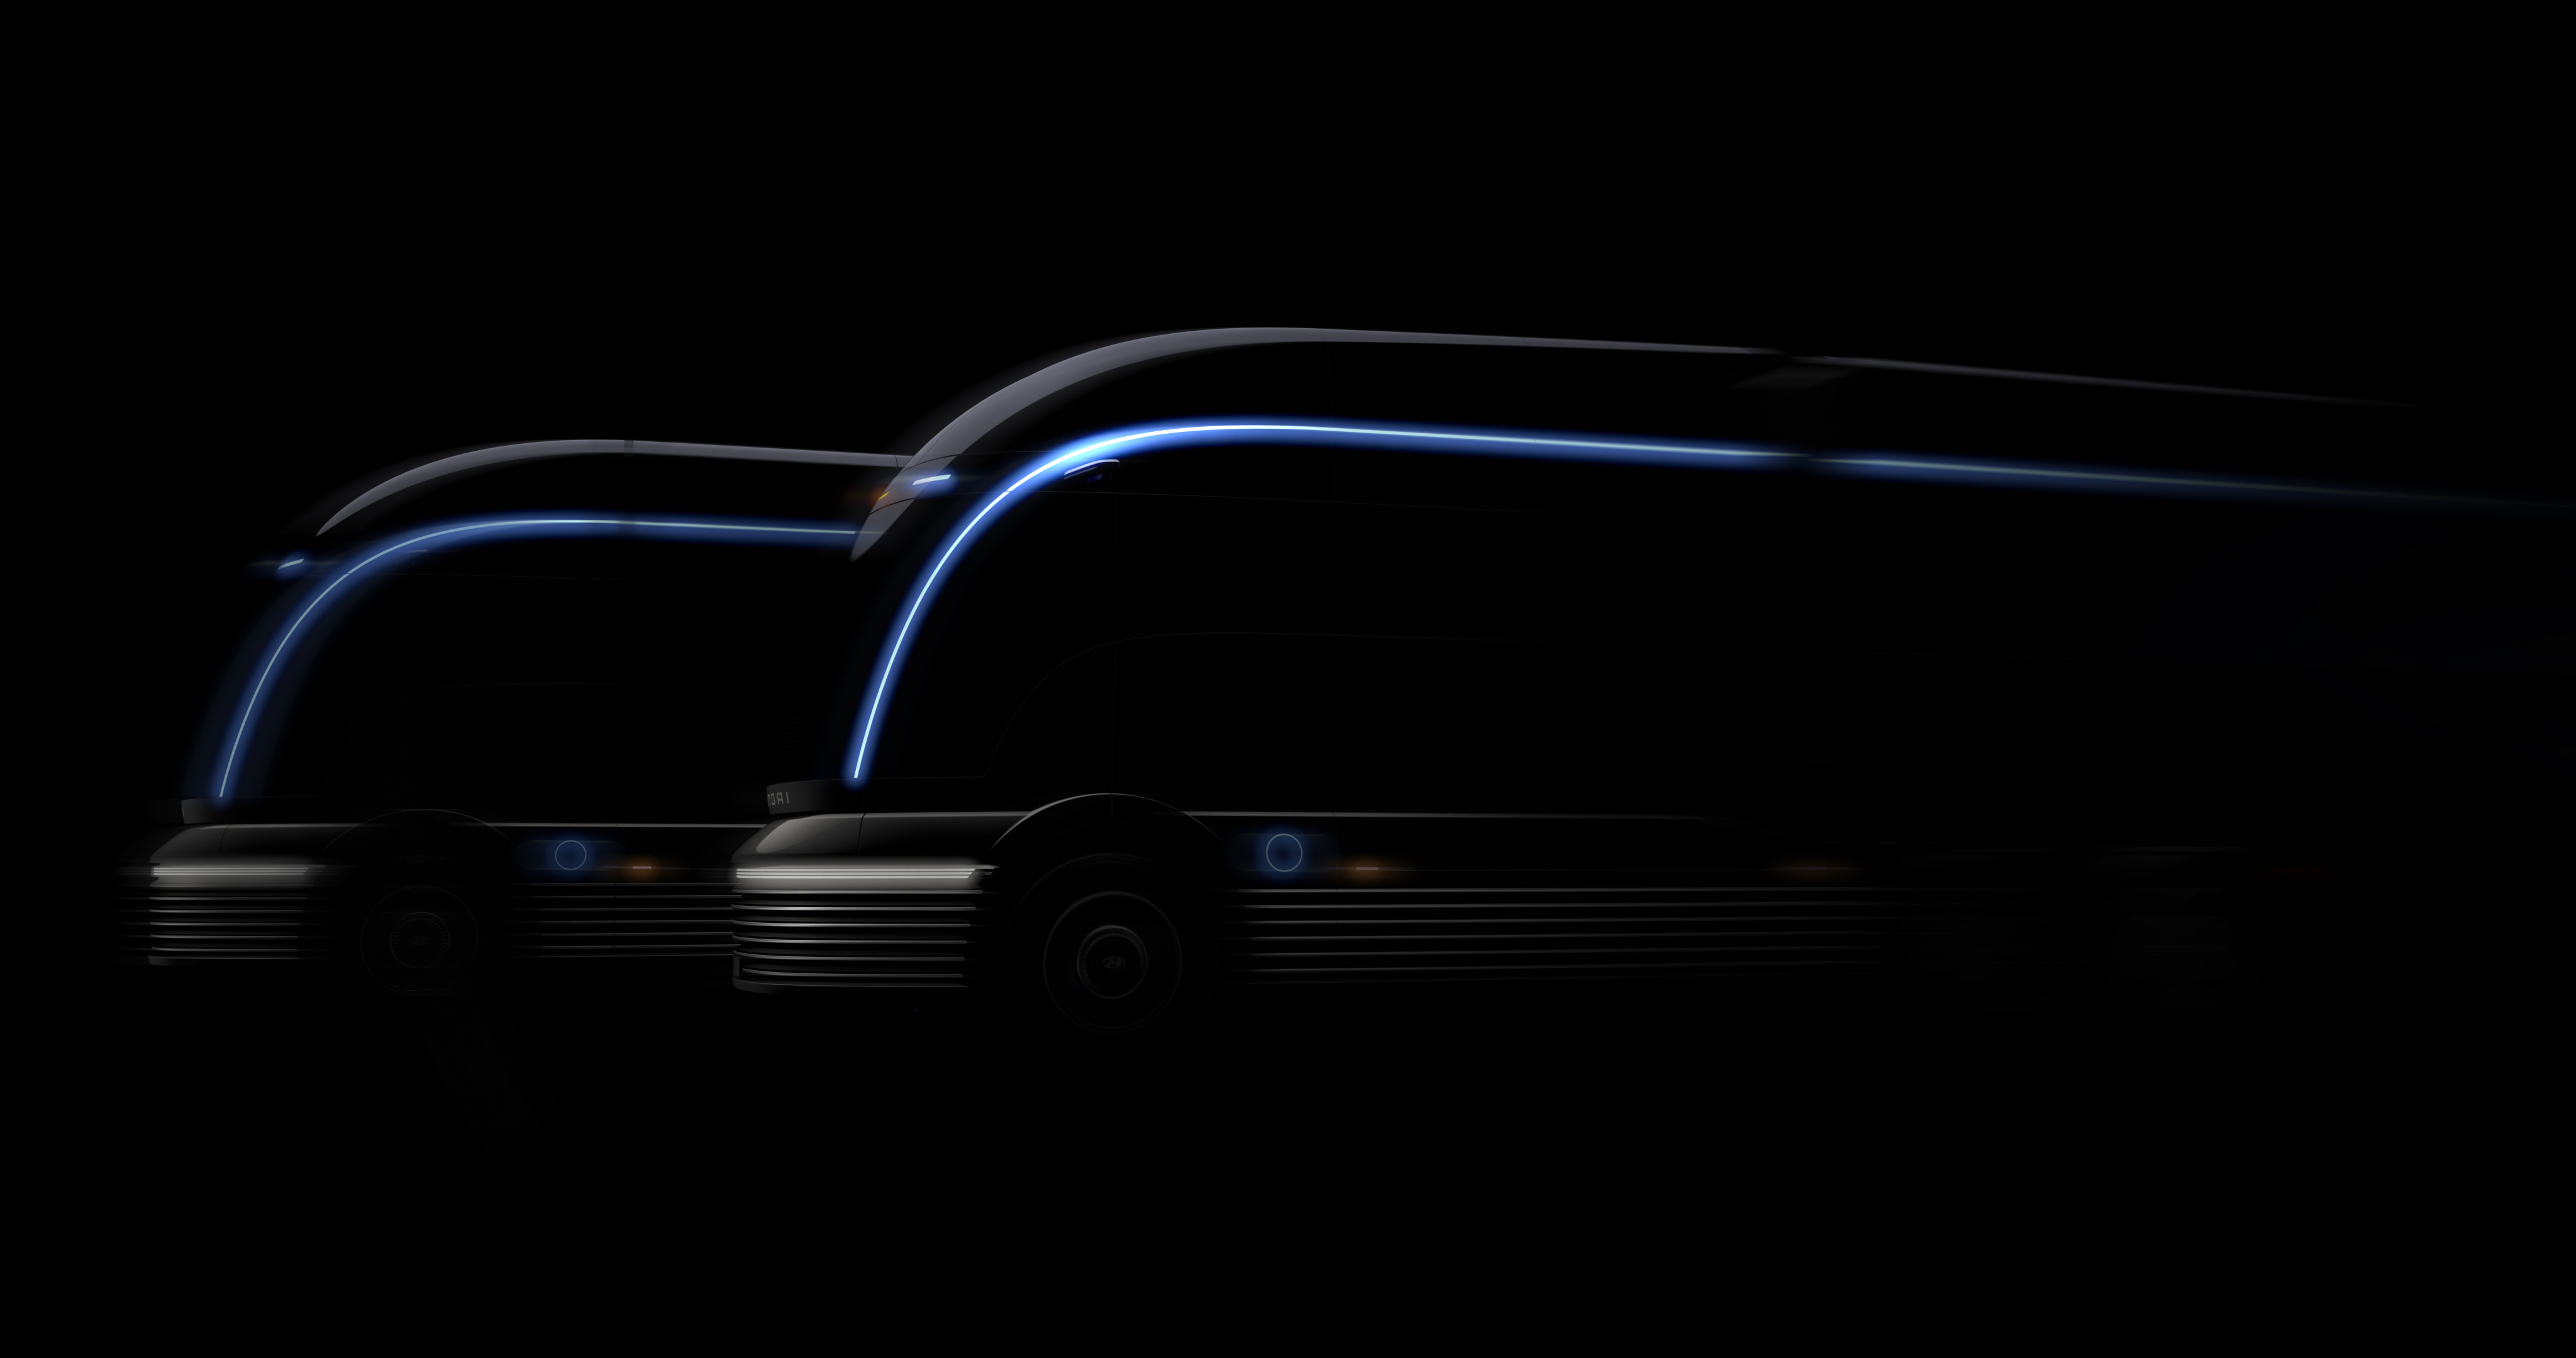 Hyundai Motor Previews HDC-6 NEPTUNE Concept and Trailer